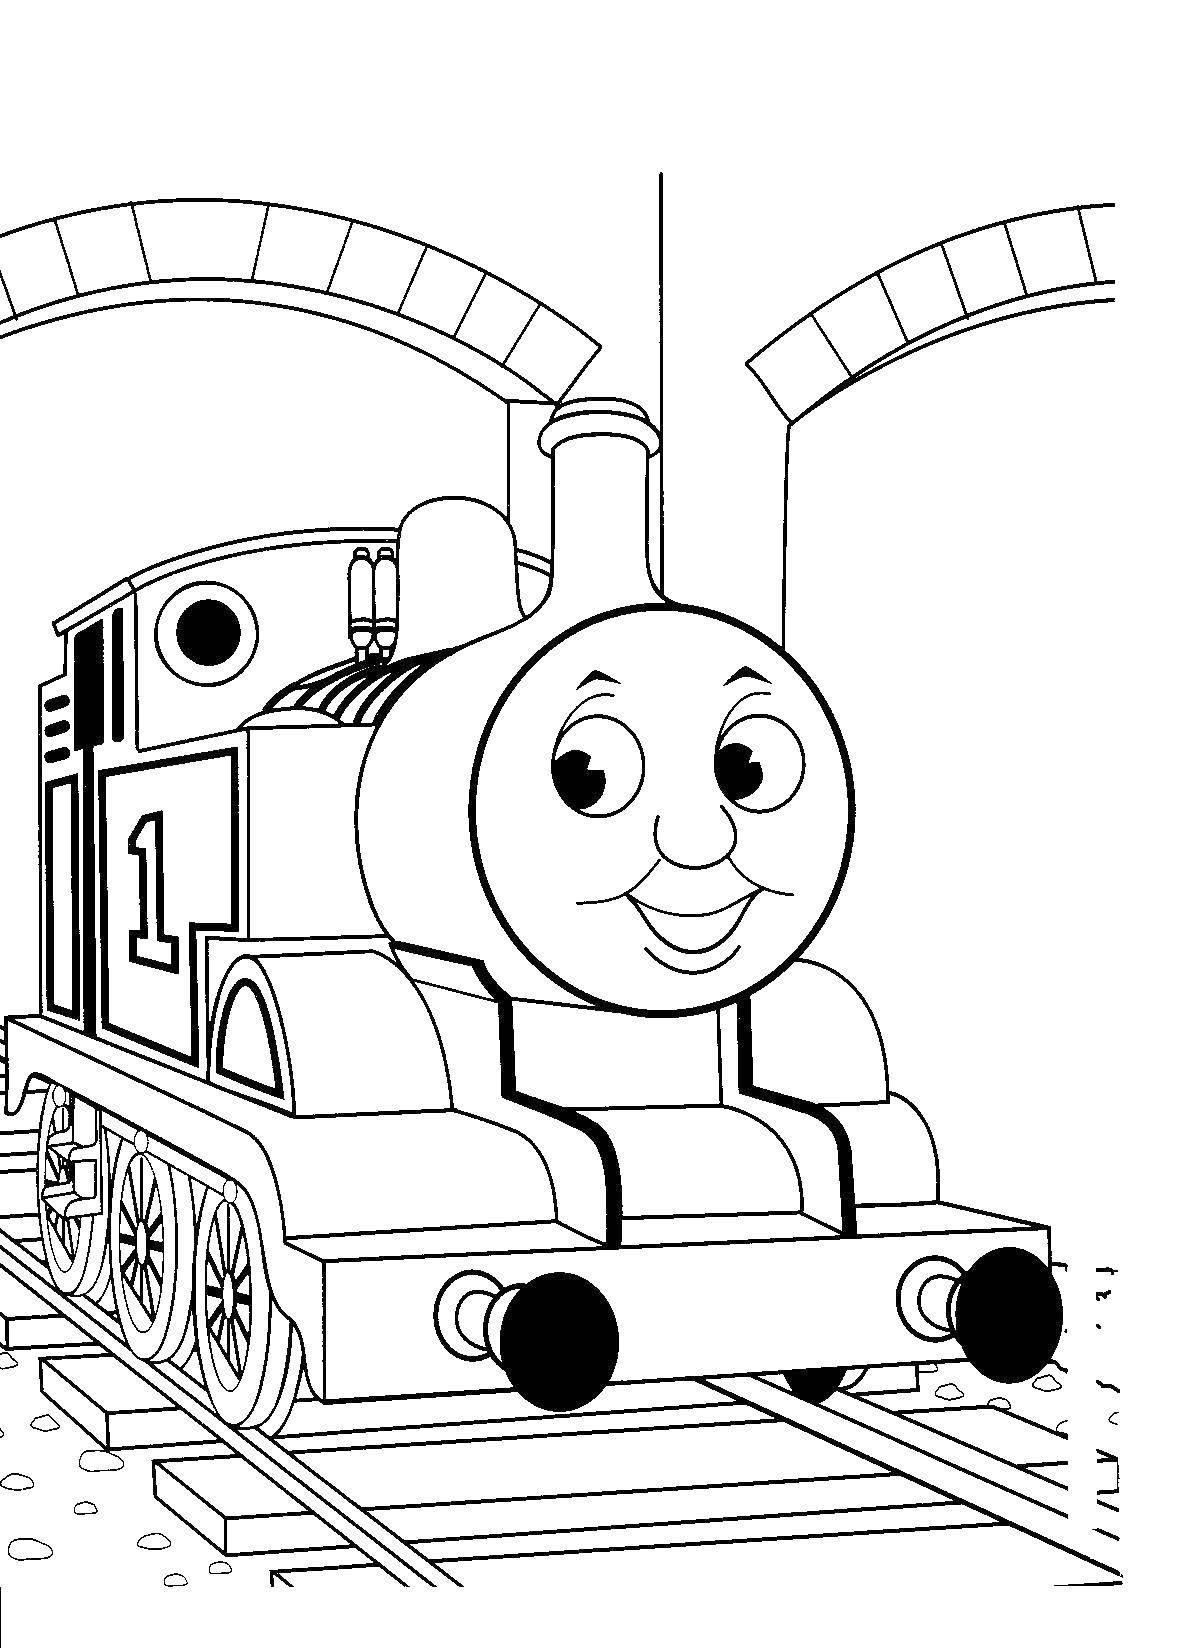 Раскраска Паровозик томас Скачать Томас, паровоз.  Распечатать ,поезд,